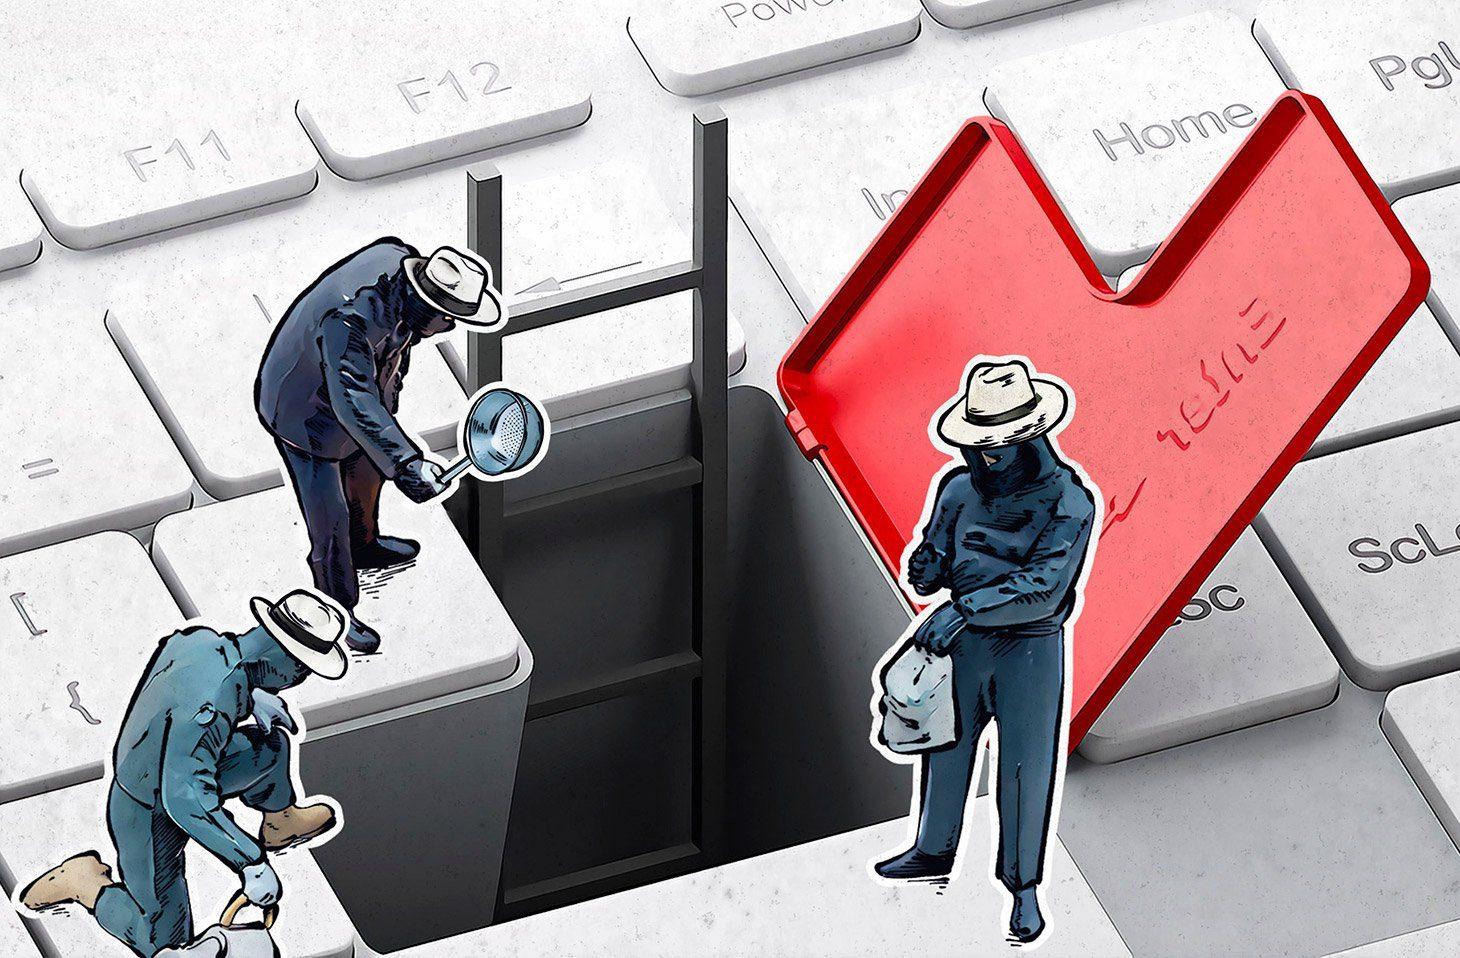 企業の情報システム:セキュリティ上のよくある問題点と対処方法